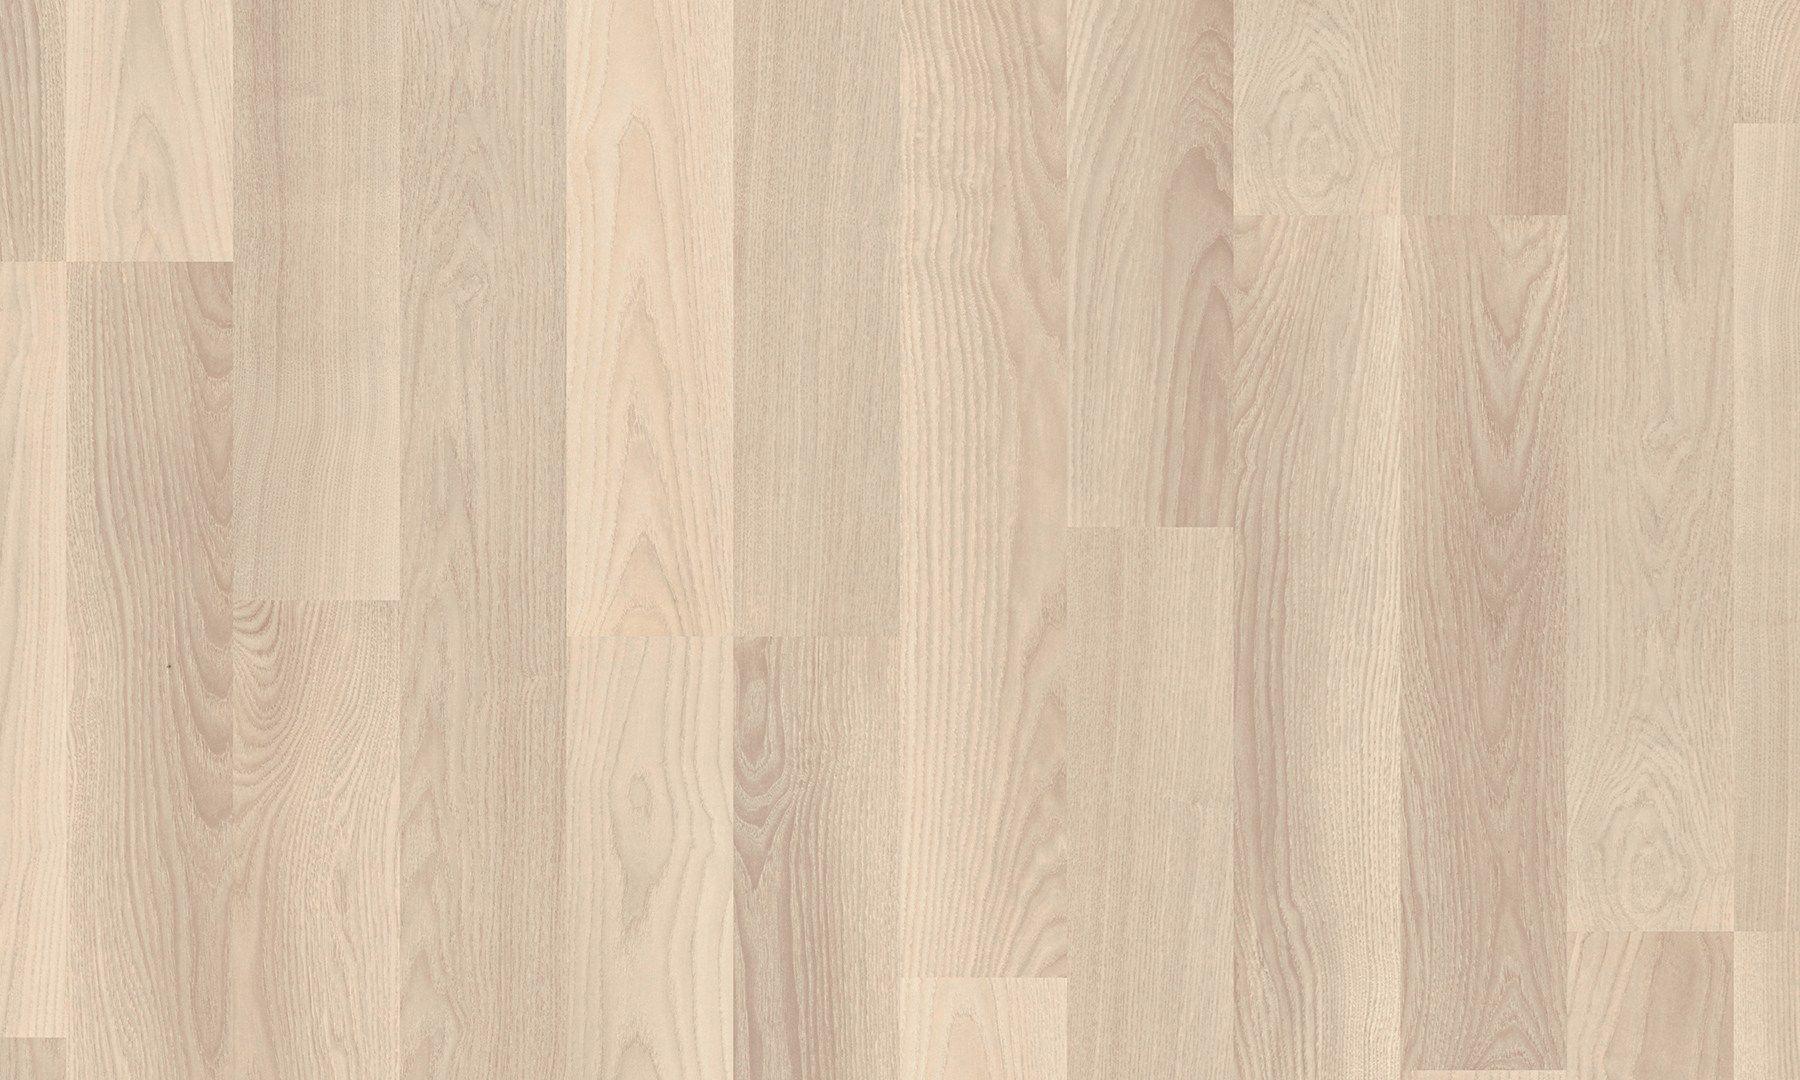 Pavimento in laminato frassino del nord 2 strip by pergo for 3d laminate flooring